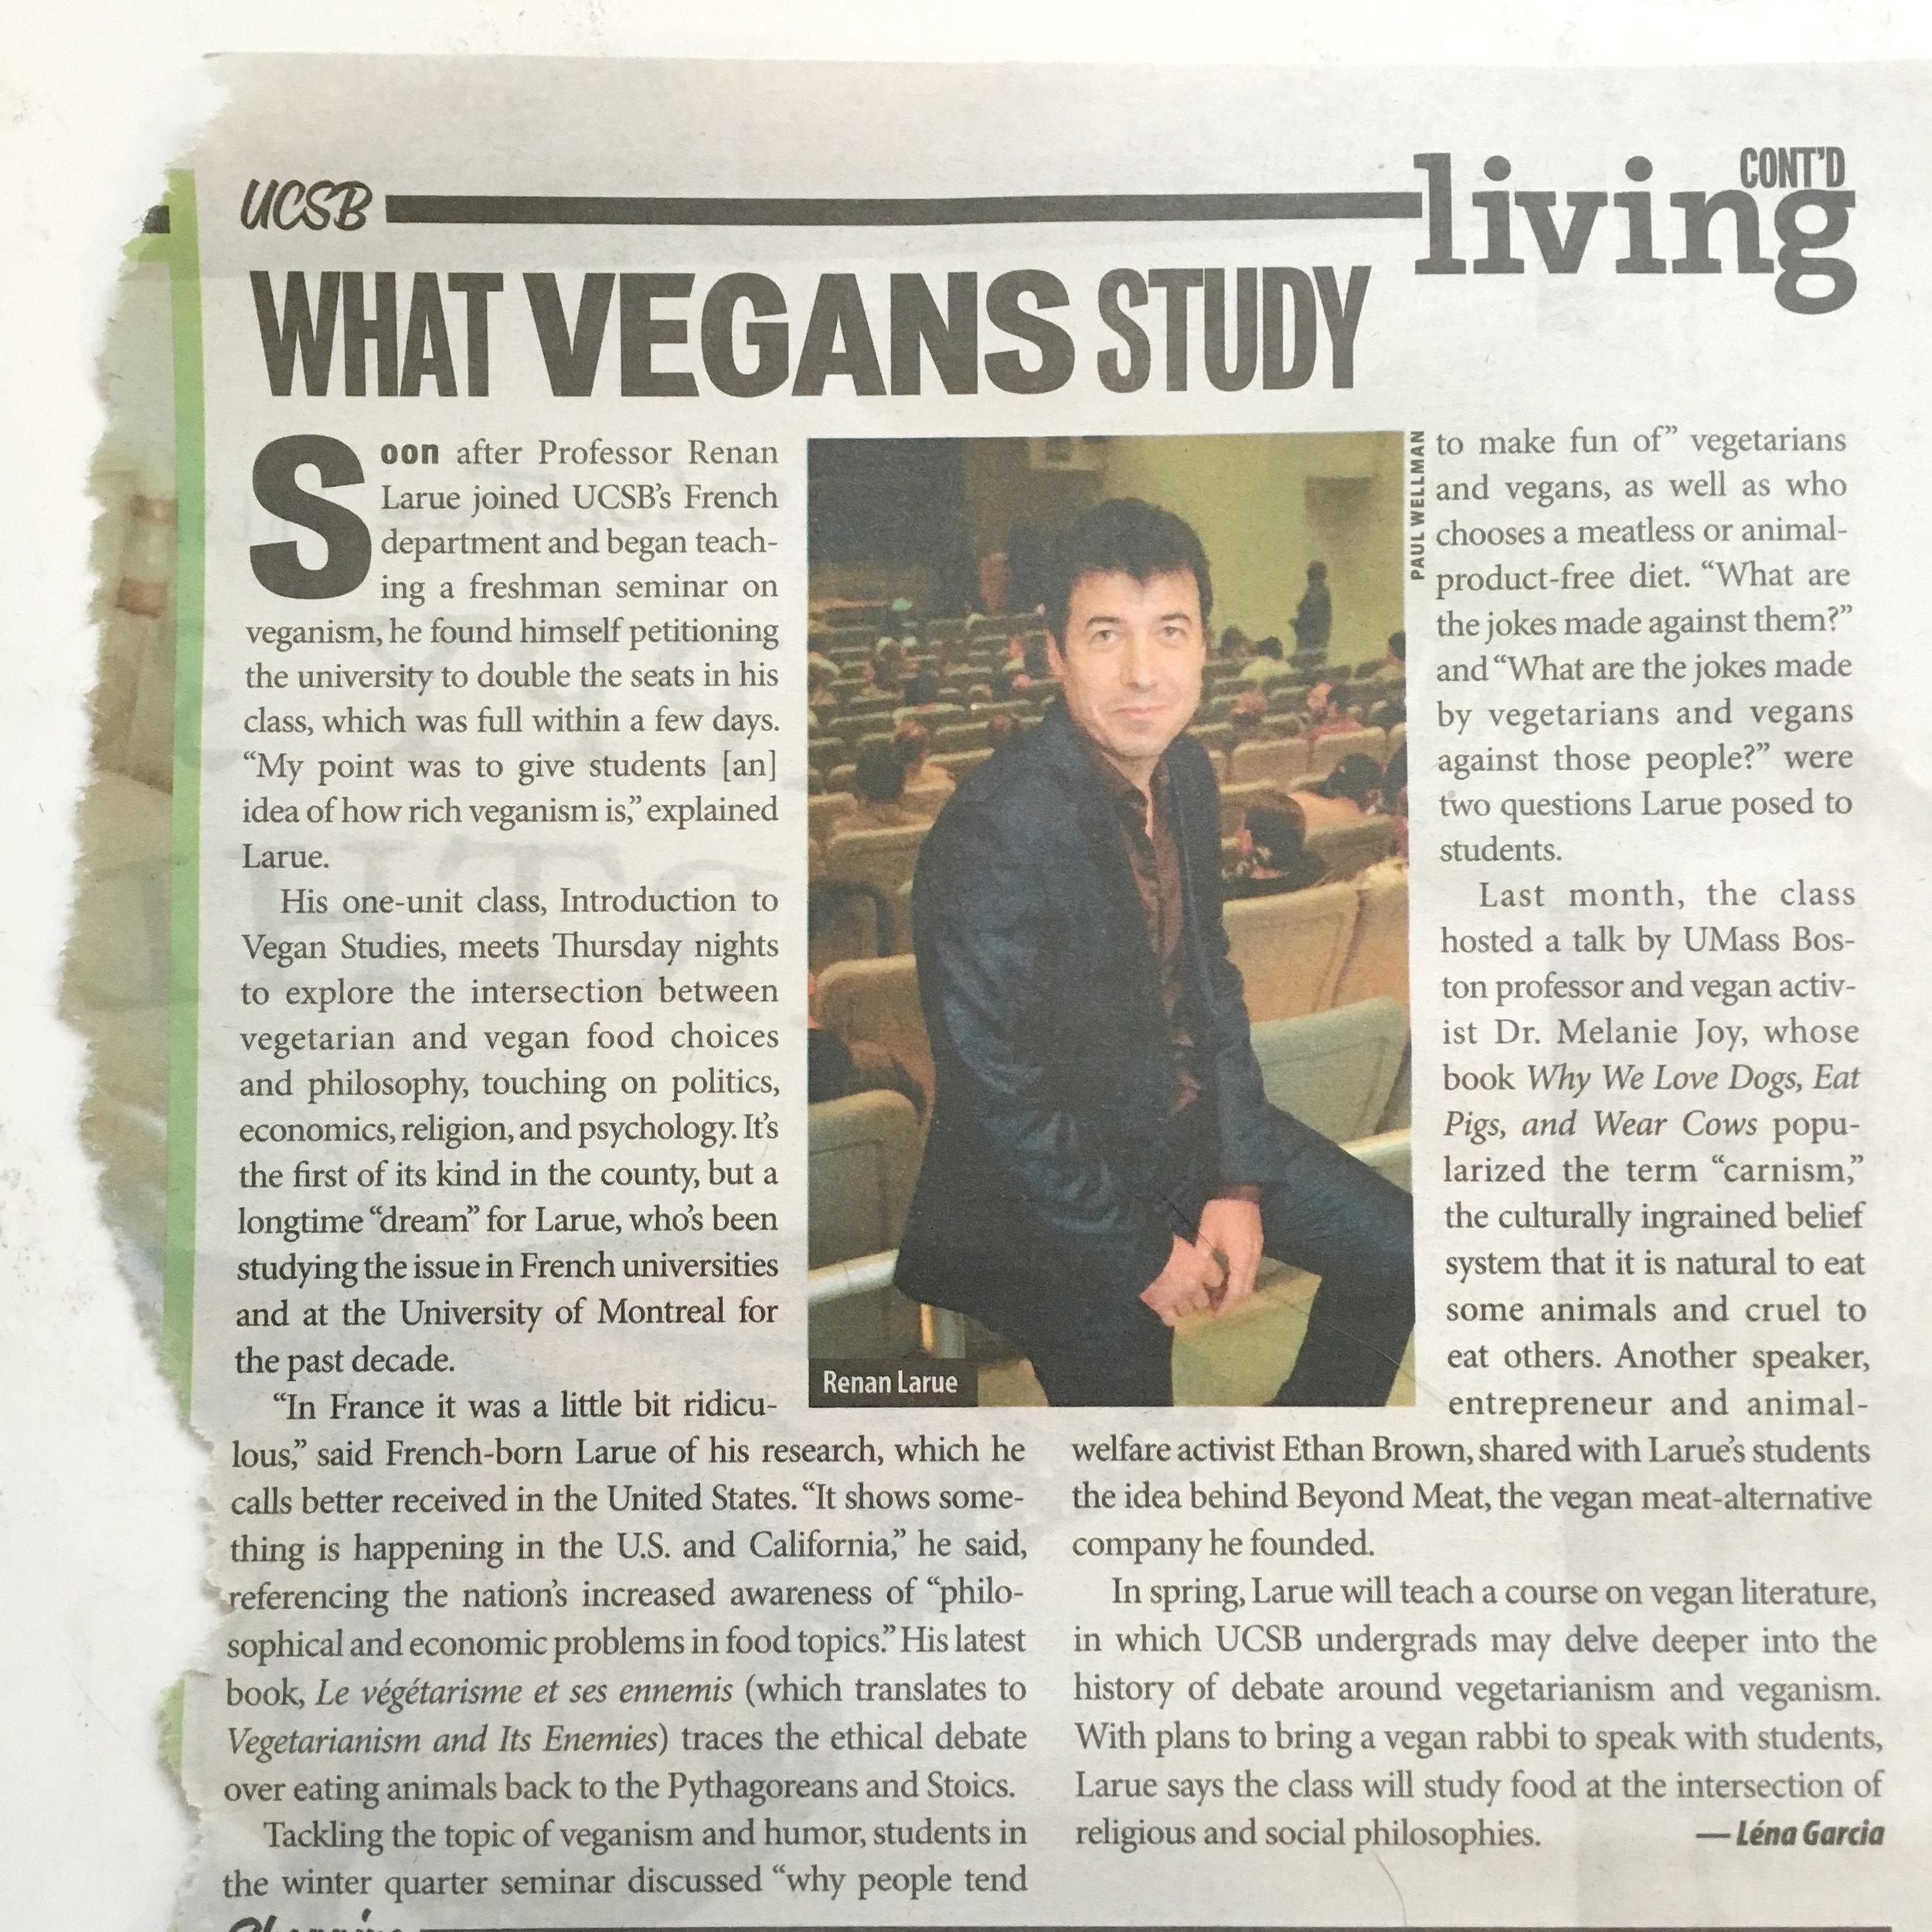 VeganStudiesUCSB_Independent.jpg